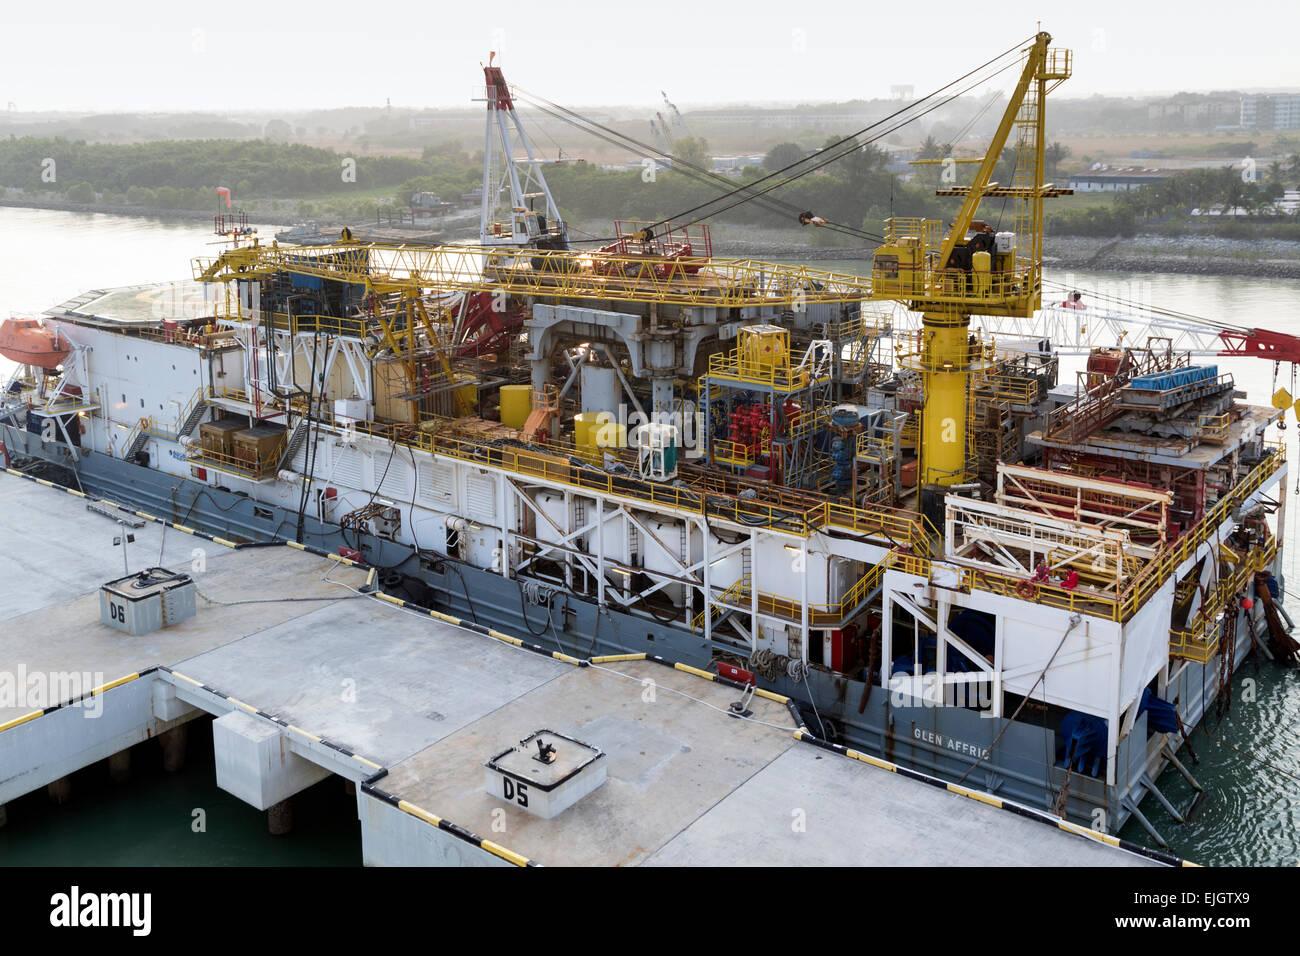 The Glen Affric tender barge for oil drilling docked at Port Klang